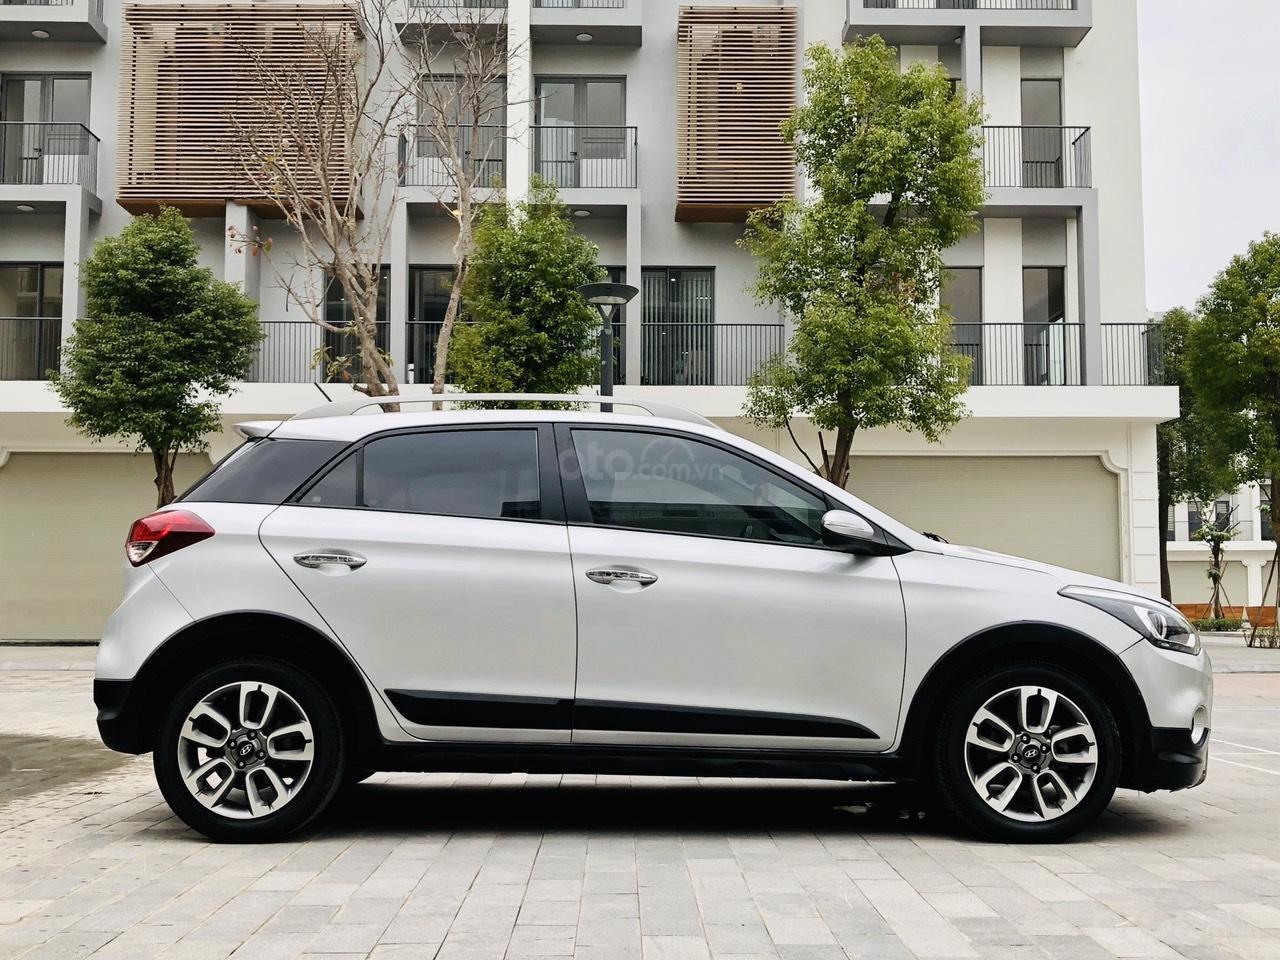 Bán nhanh Hyundai i20 1.4AT SX 2015 bạc, đẹp xuất sắc biển TP (1)